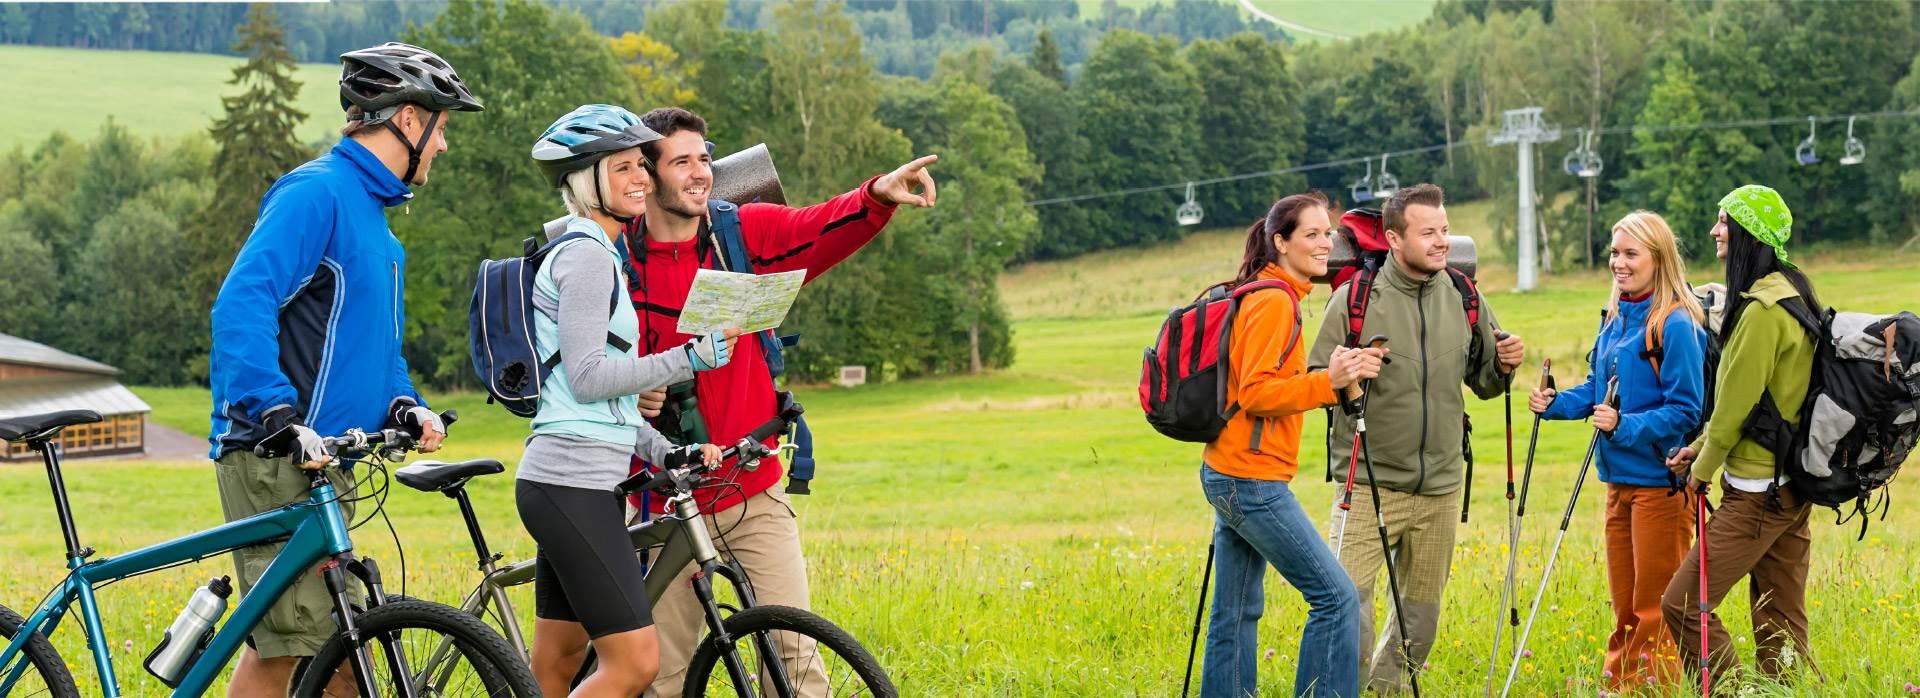 Sportliche Aktivitäten gemeinsam erleben